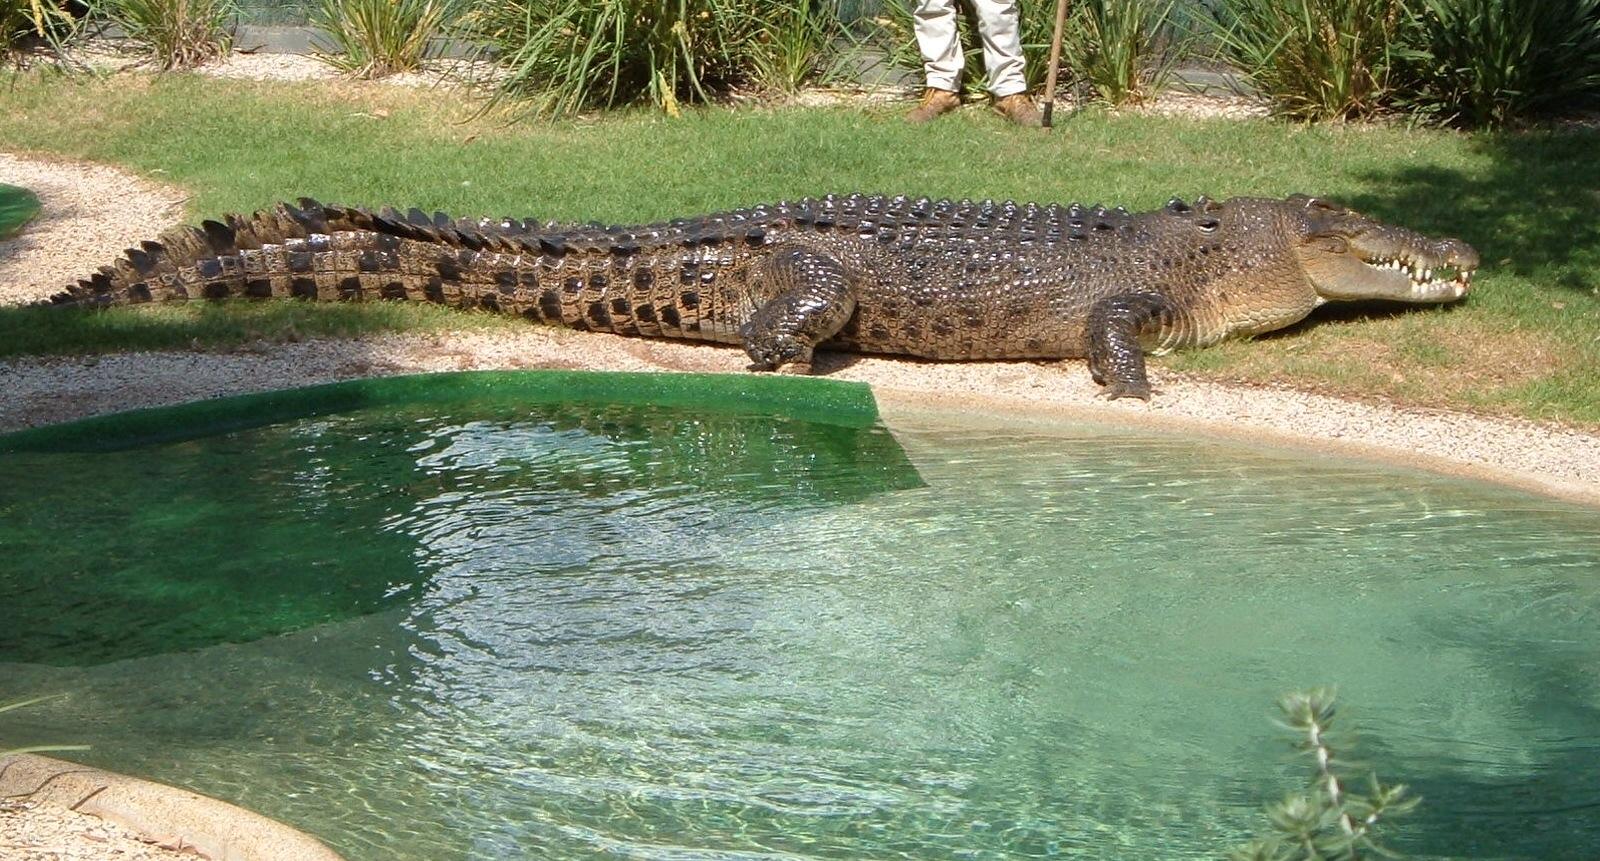 страницы информация самый большой крокодил в мире фото вас есть